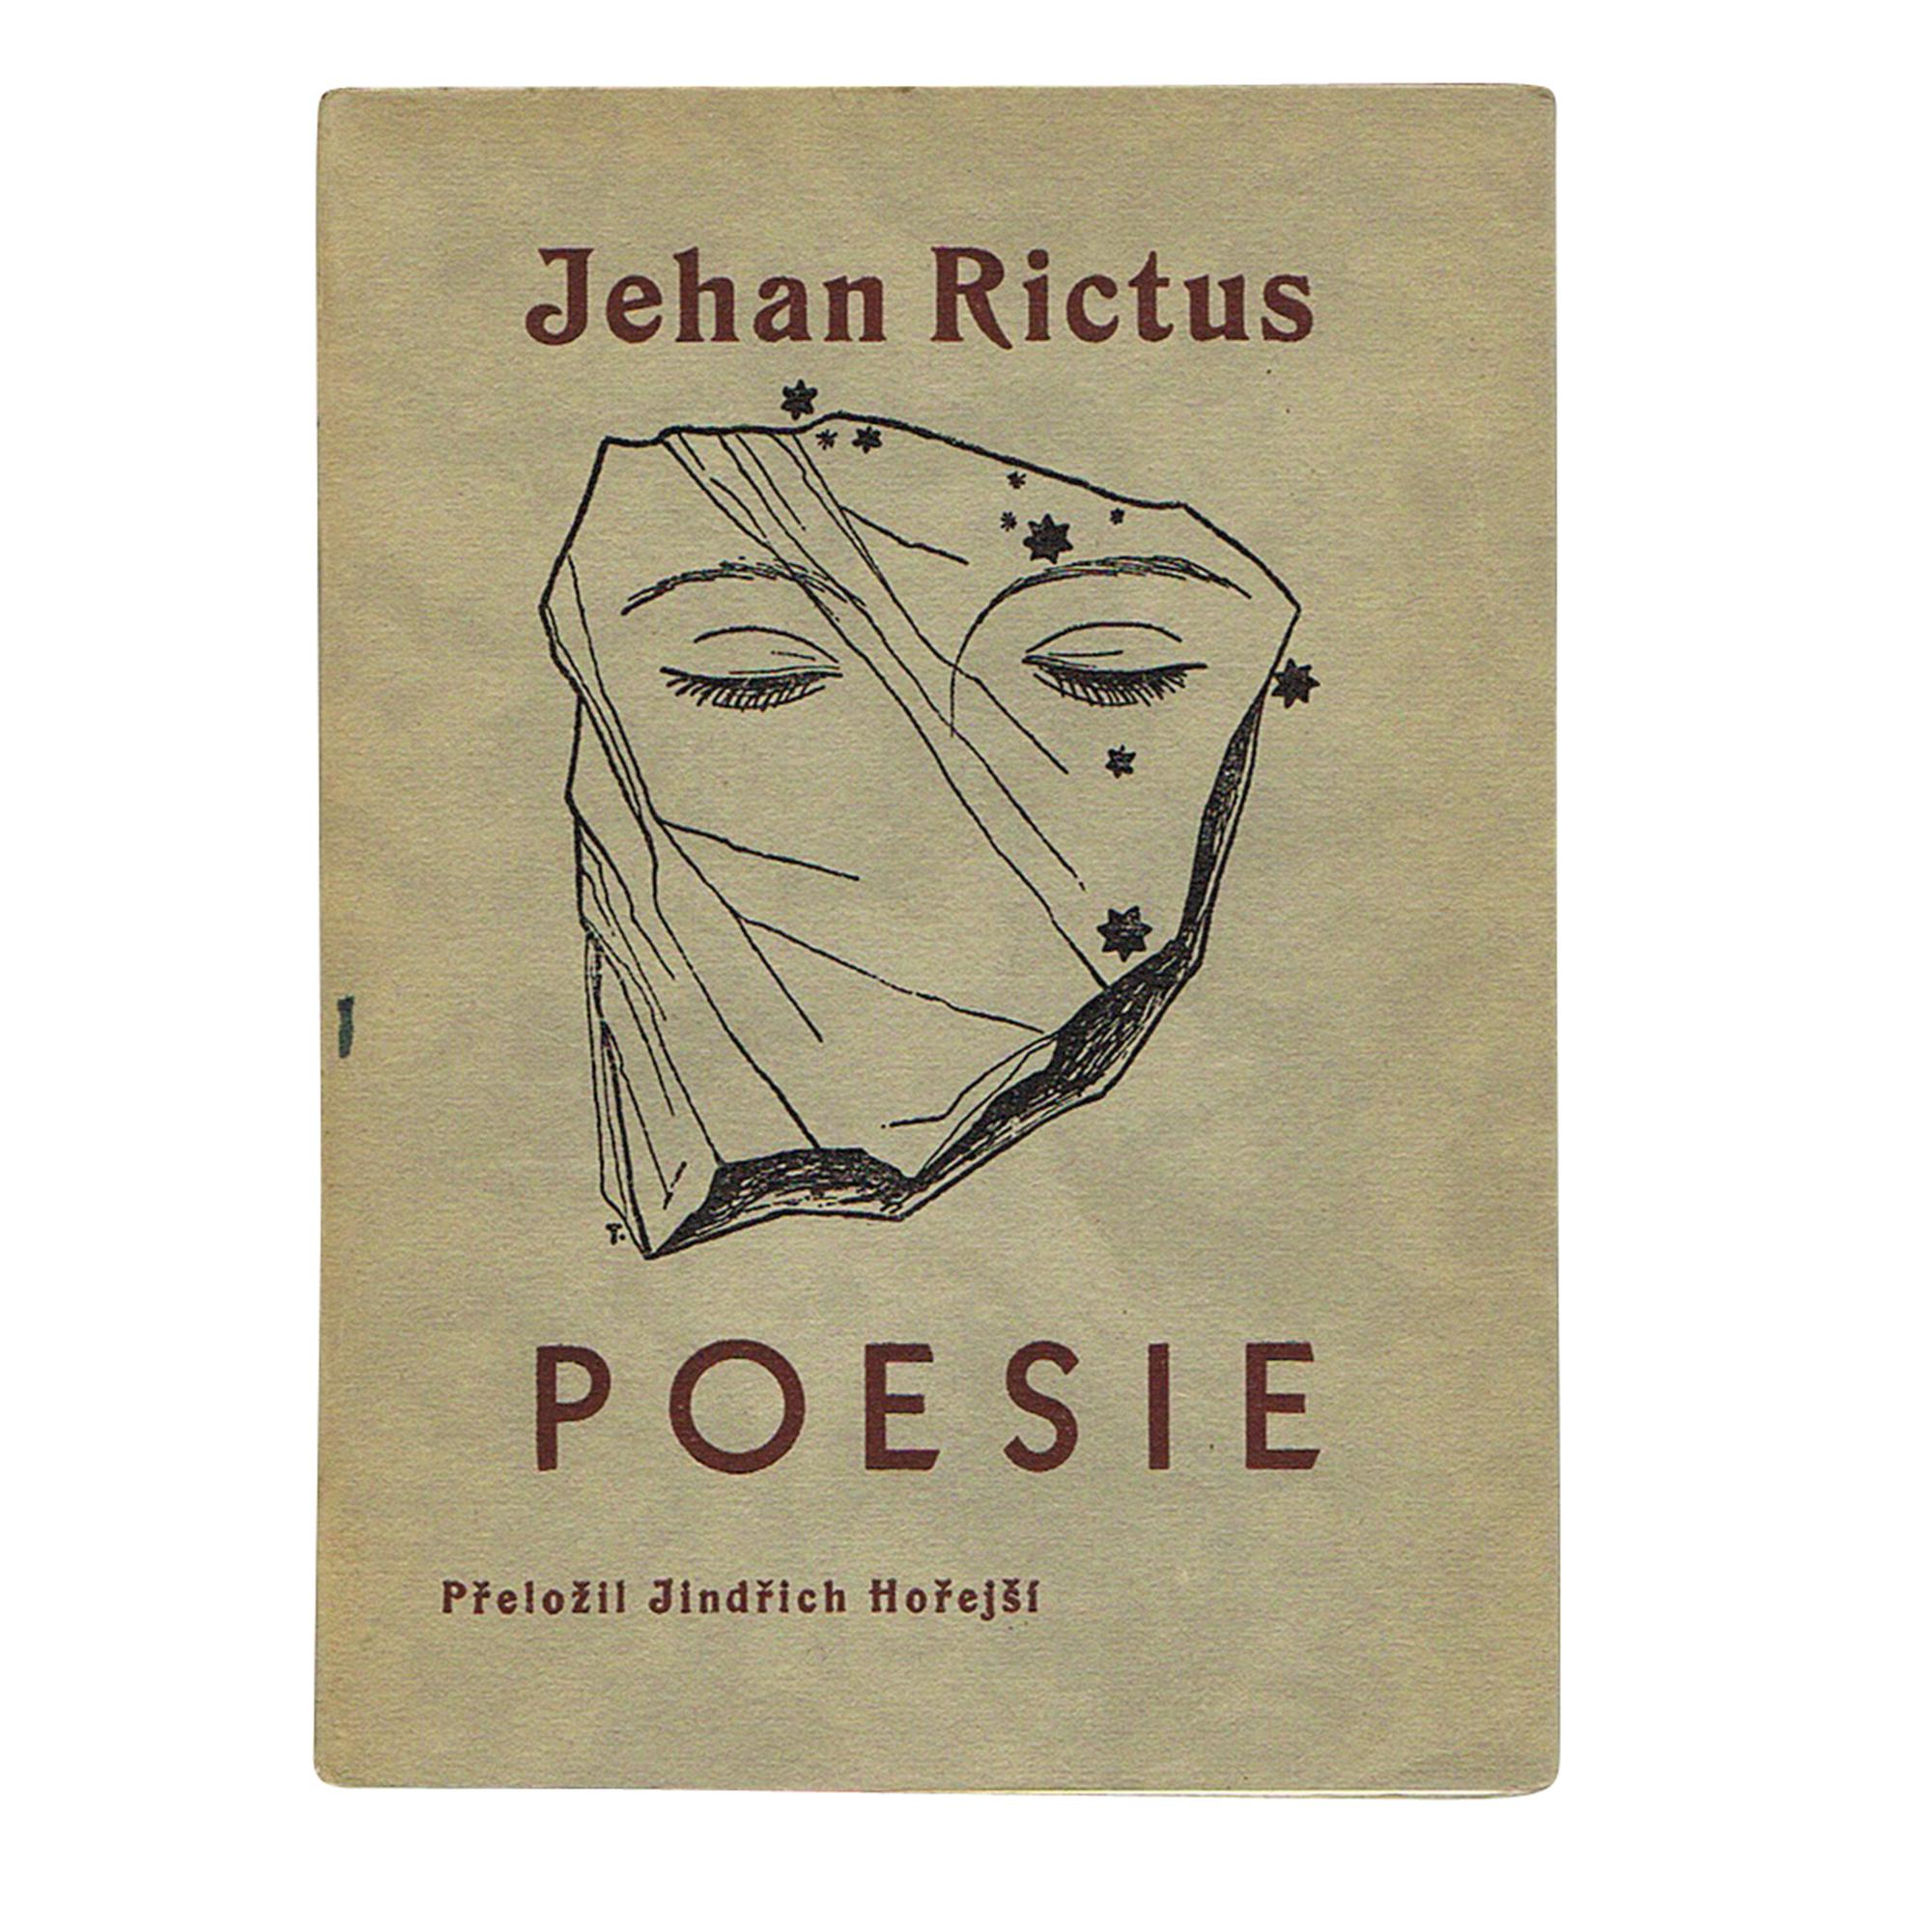 27-1356-Rictus-Toyen-Poesie-1946-1.jpg